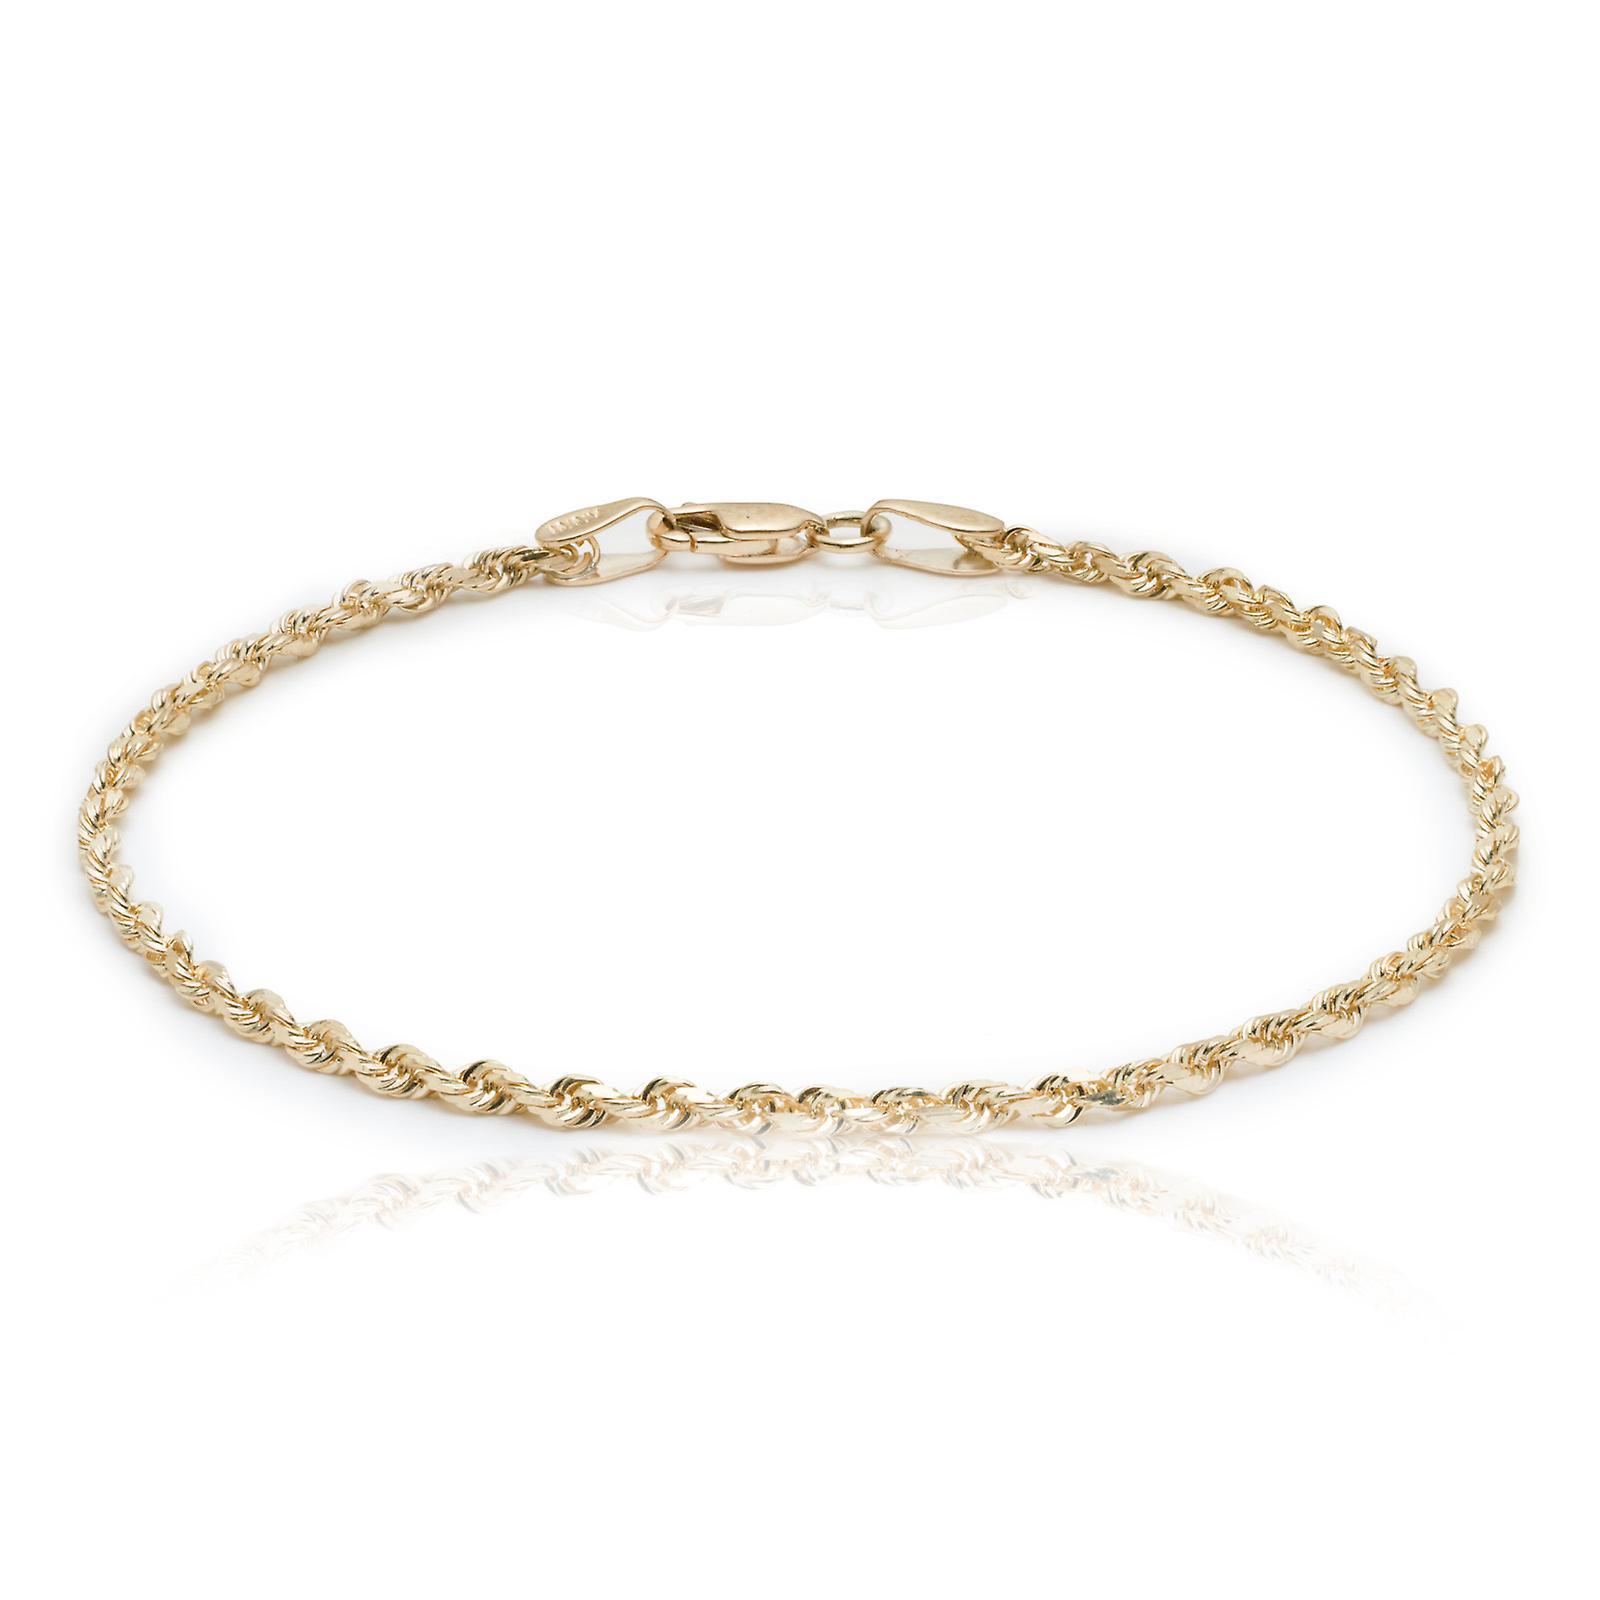 10k coupe diahommet solide or jaune Bracelet chaînee en corde et chaîne de cheville, 2,25 mm (0,09& 034;)